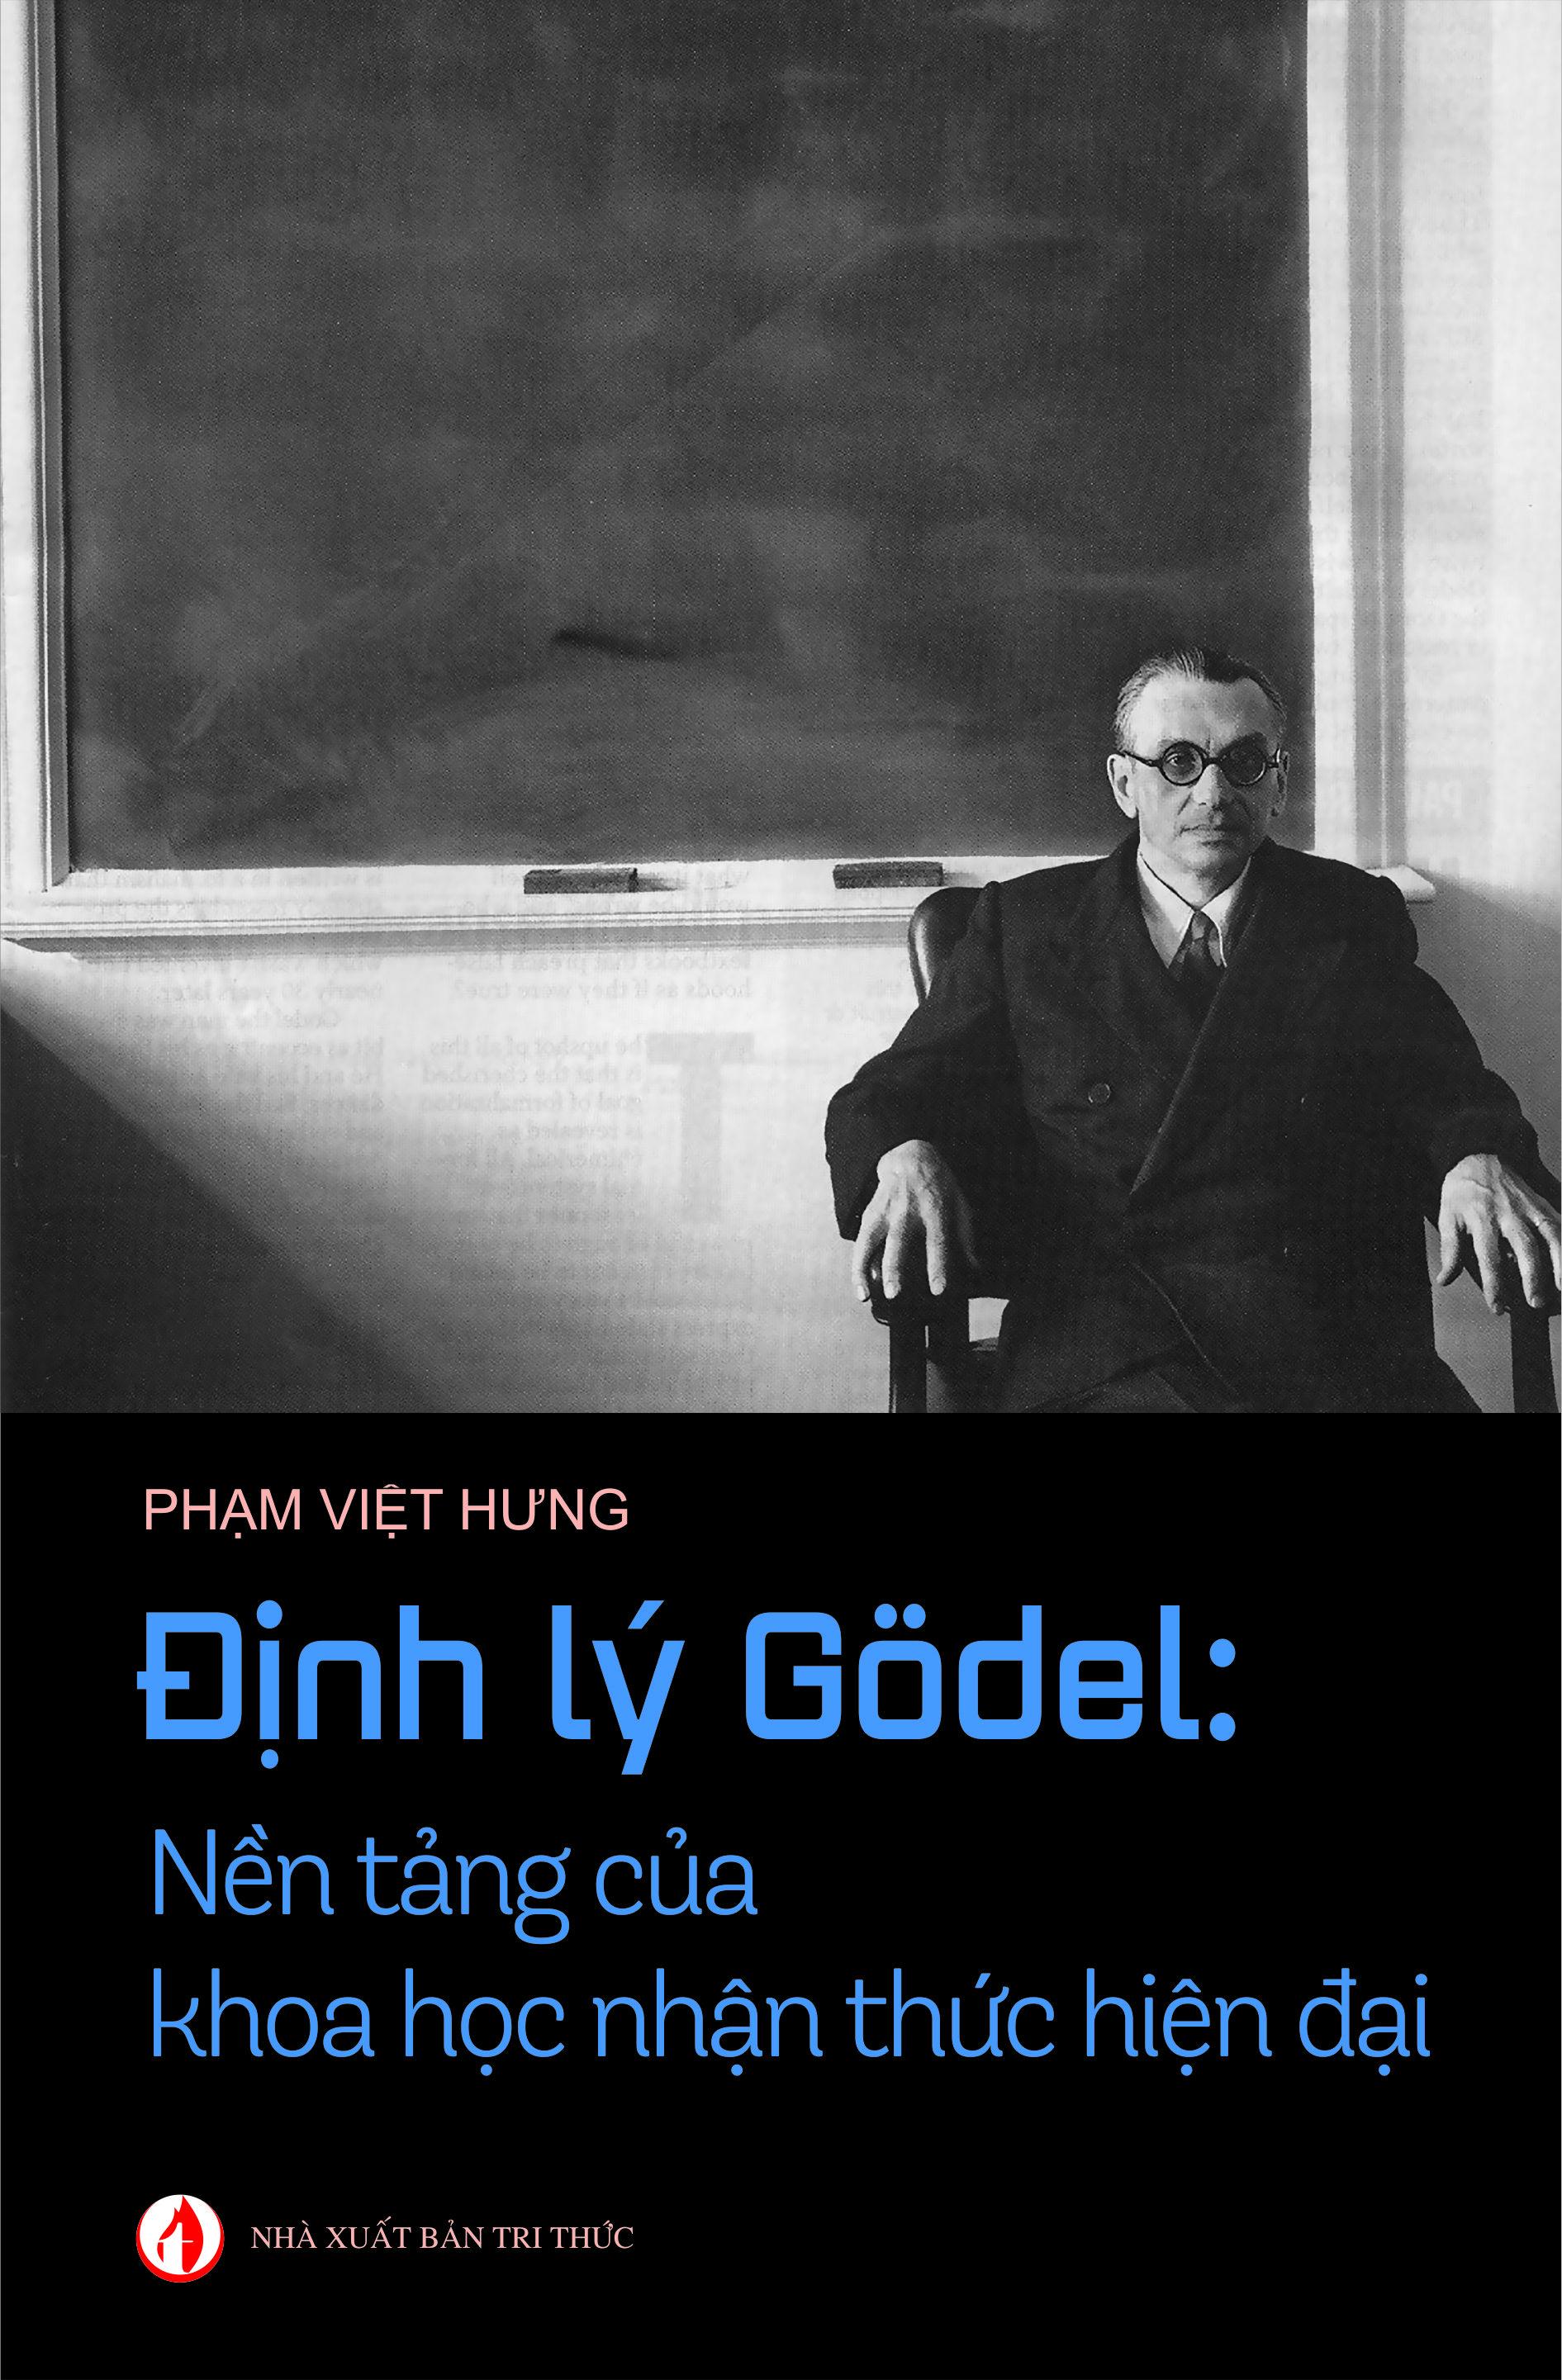 Định lý Godel: Nền tảng của khoa học nhận thức hiện đại